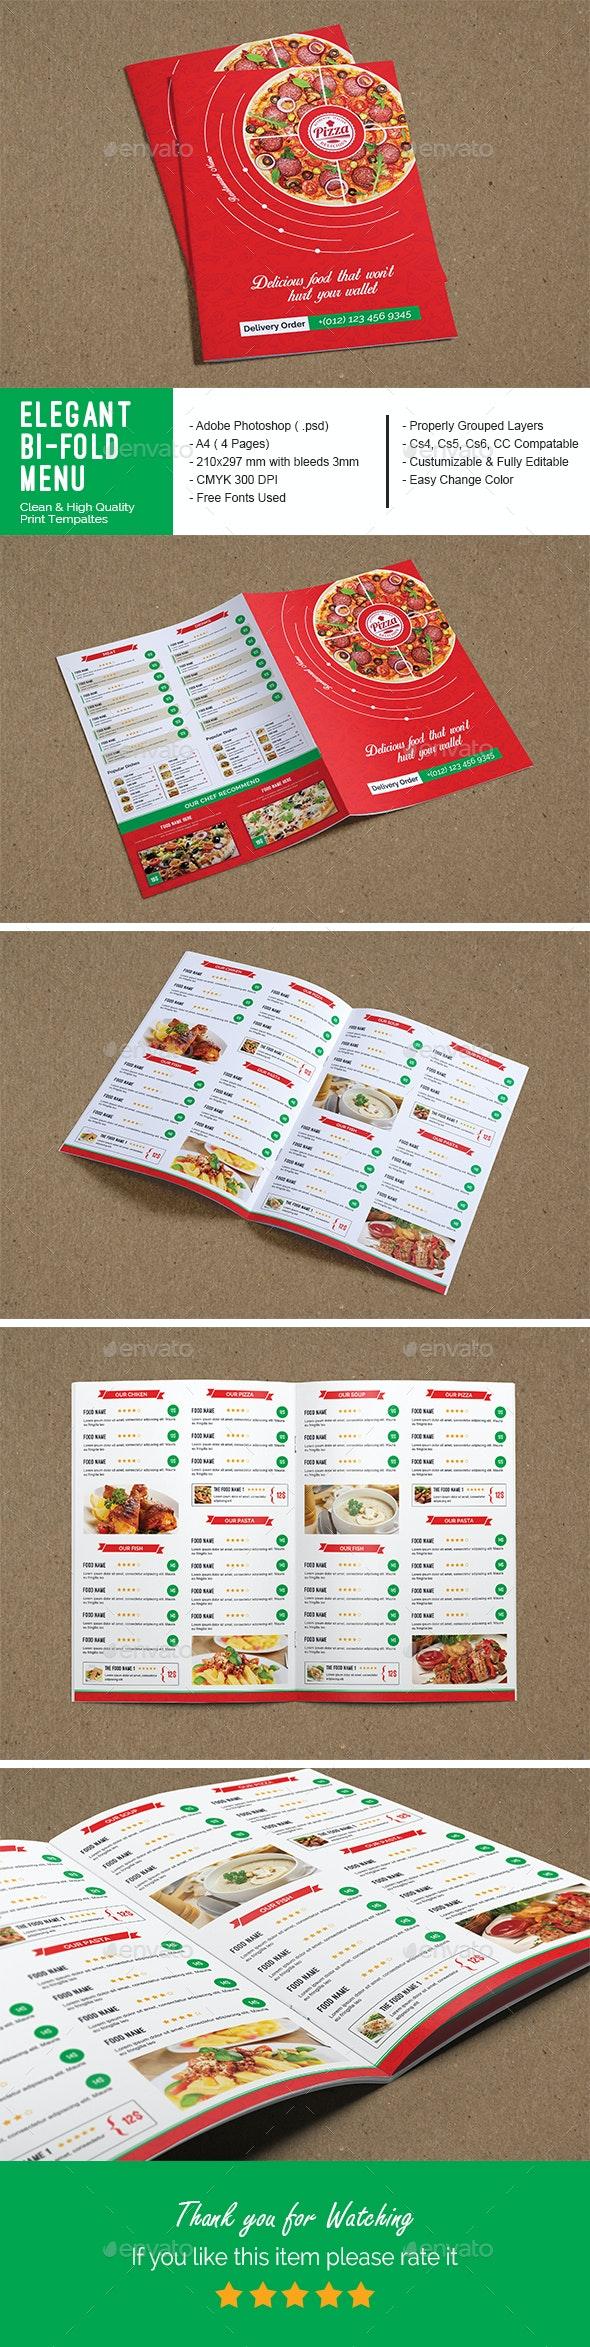 Elegant Bi-Fold Restaurant Menu  - Food Menus Print Templates